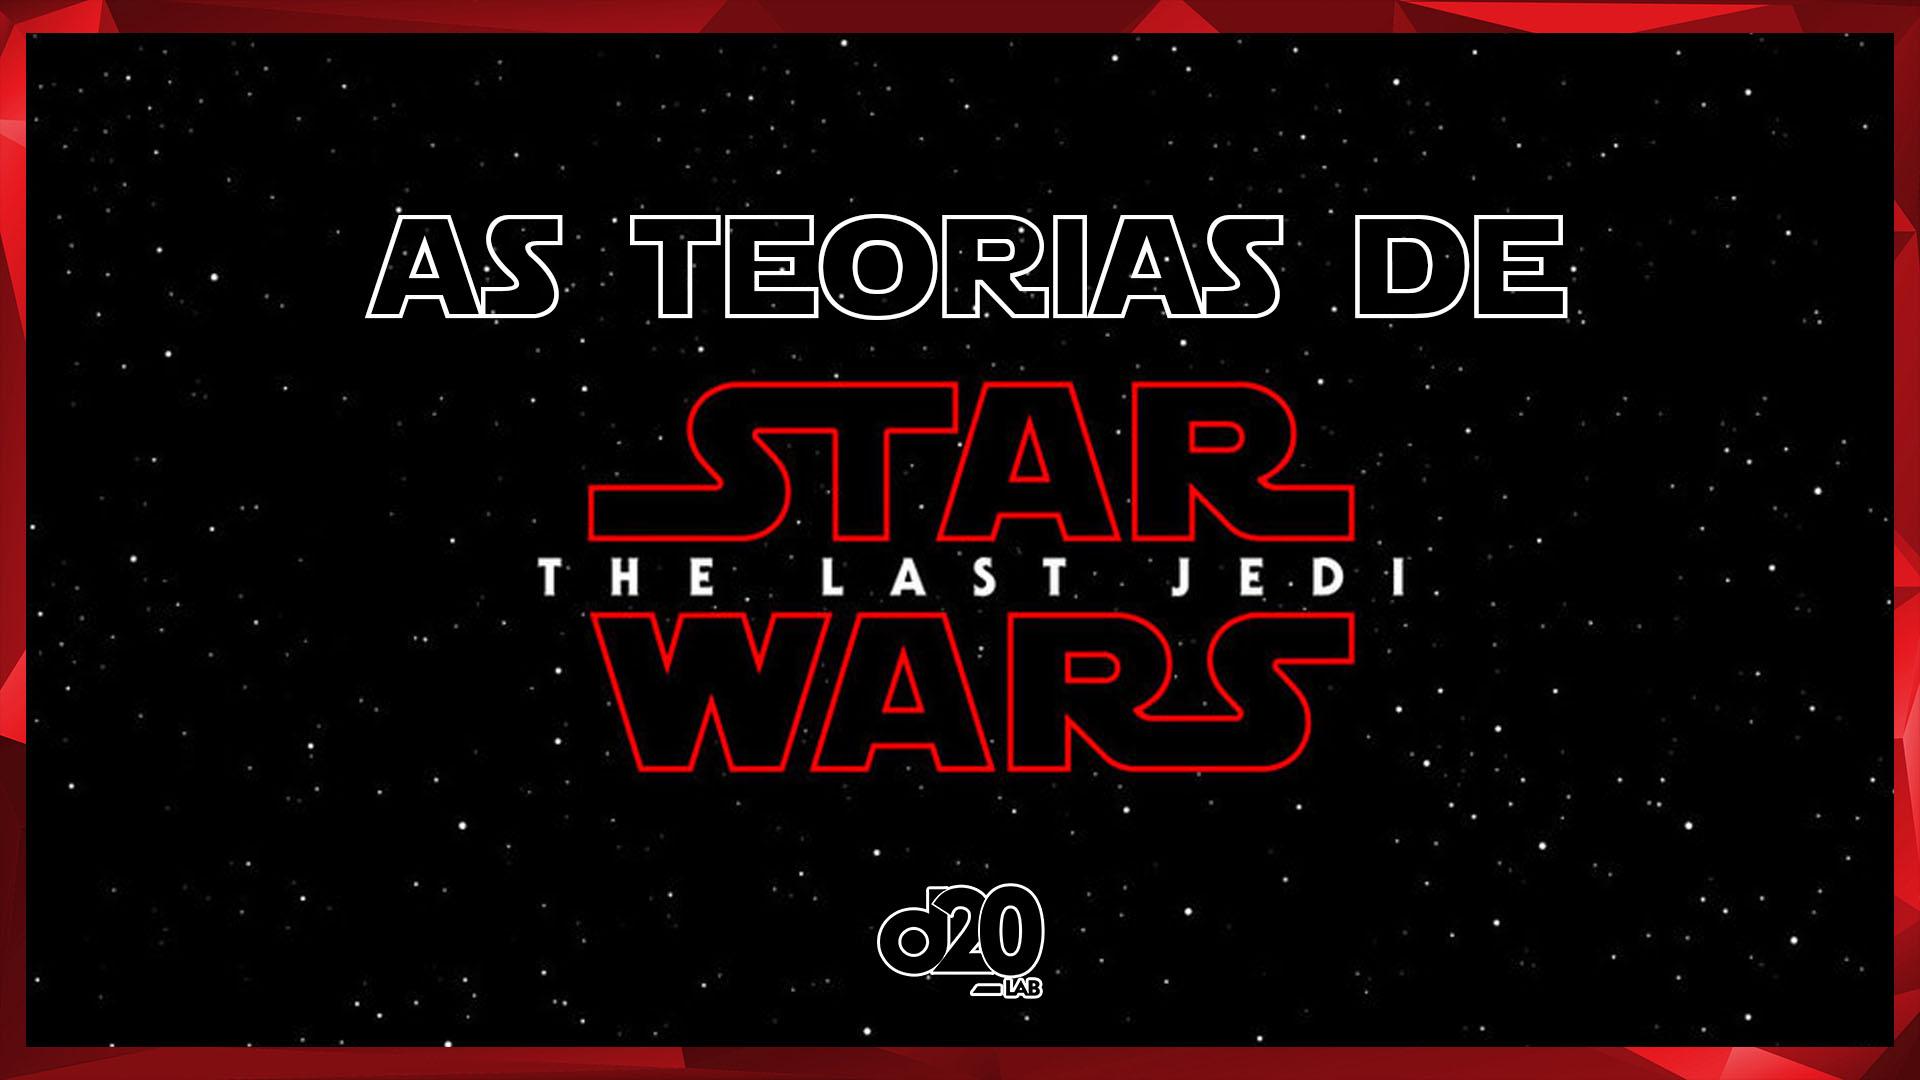 Teorias Star Wars: Os Últimos Jedi | D20 Lab 52